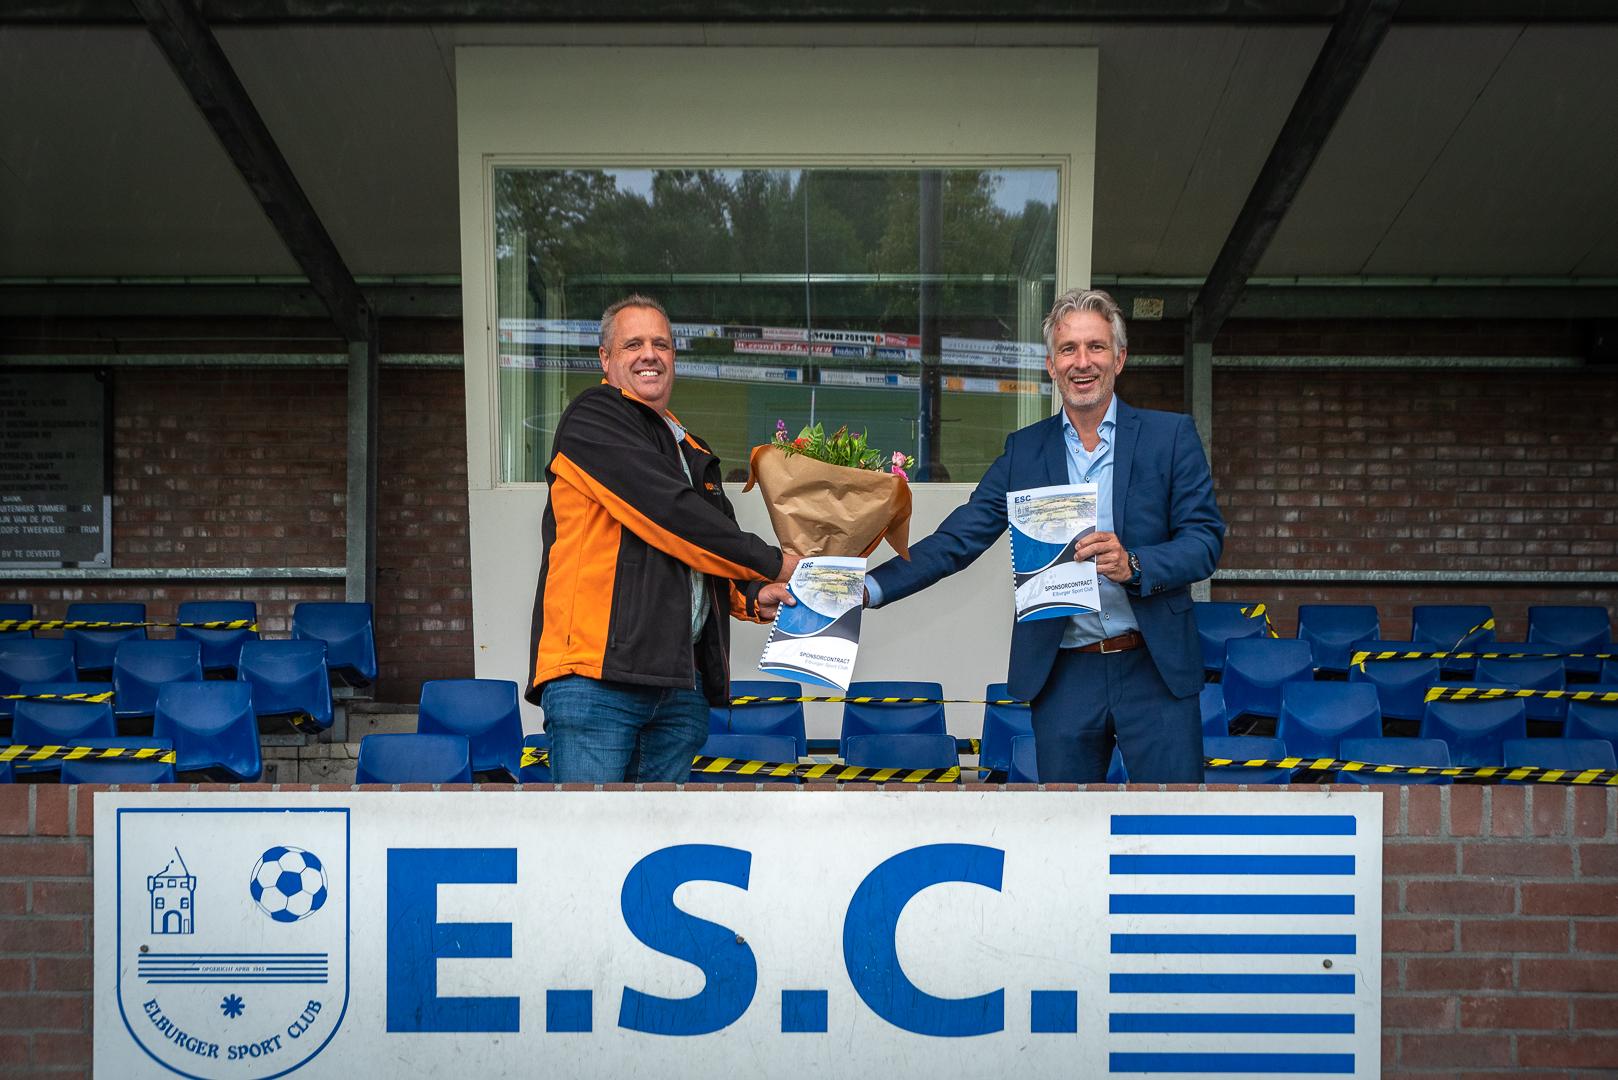 VDH Civiel Projectmanagement verbindt zich aan ESC - Elburger SC